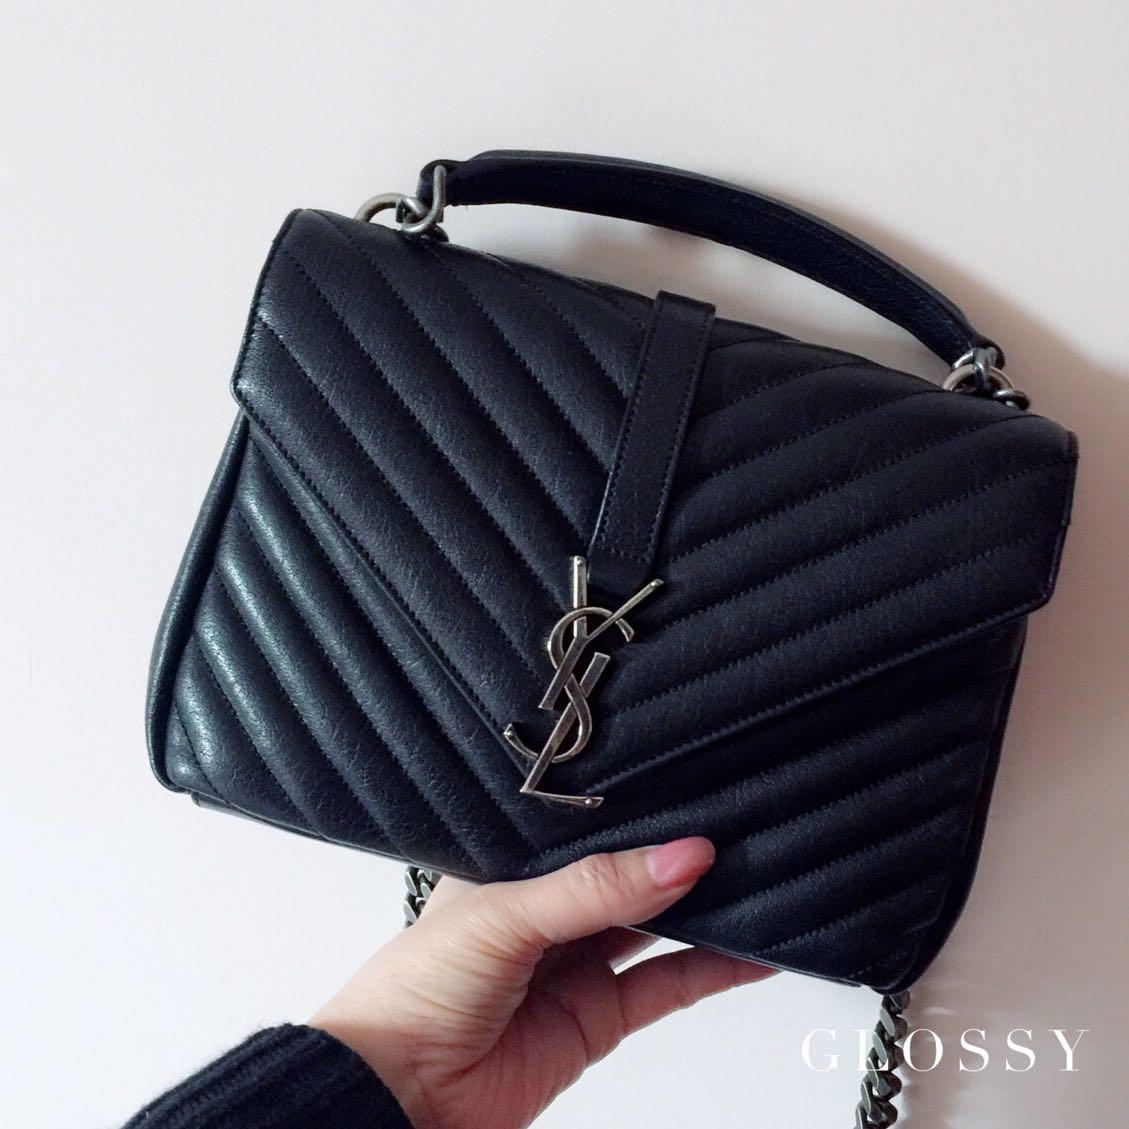 YSL Classic Medium College Bag in Black a0b98767d922c